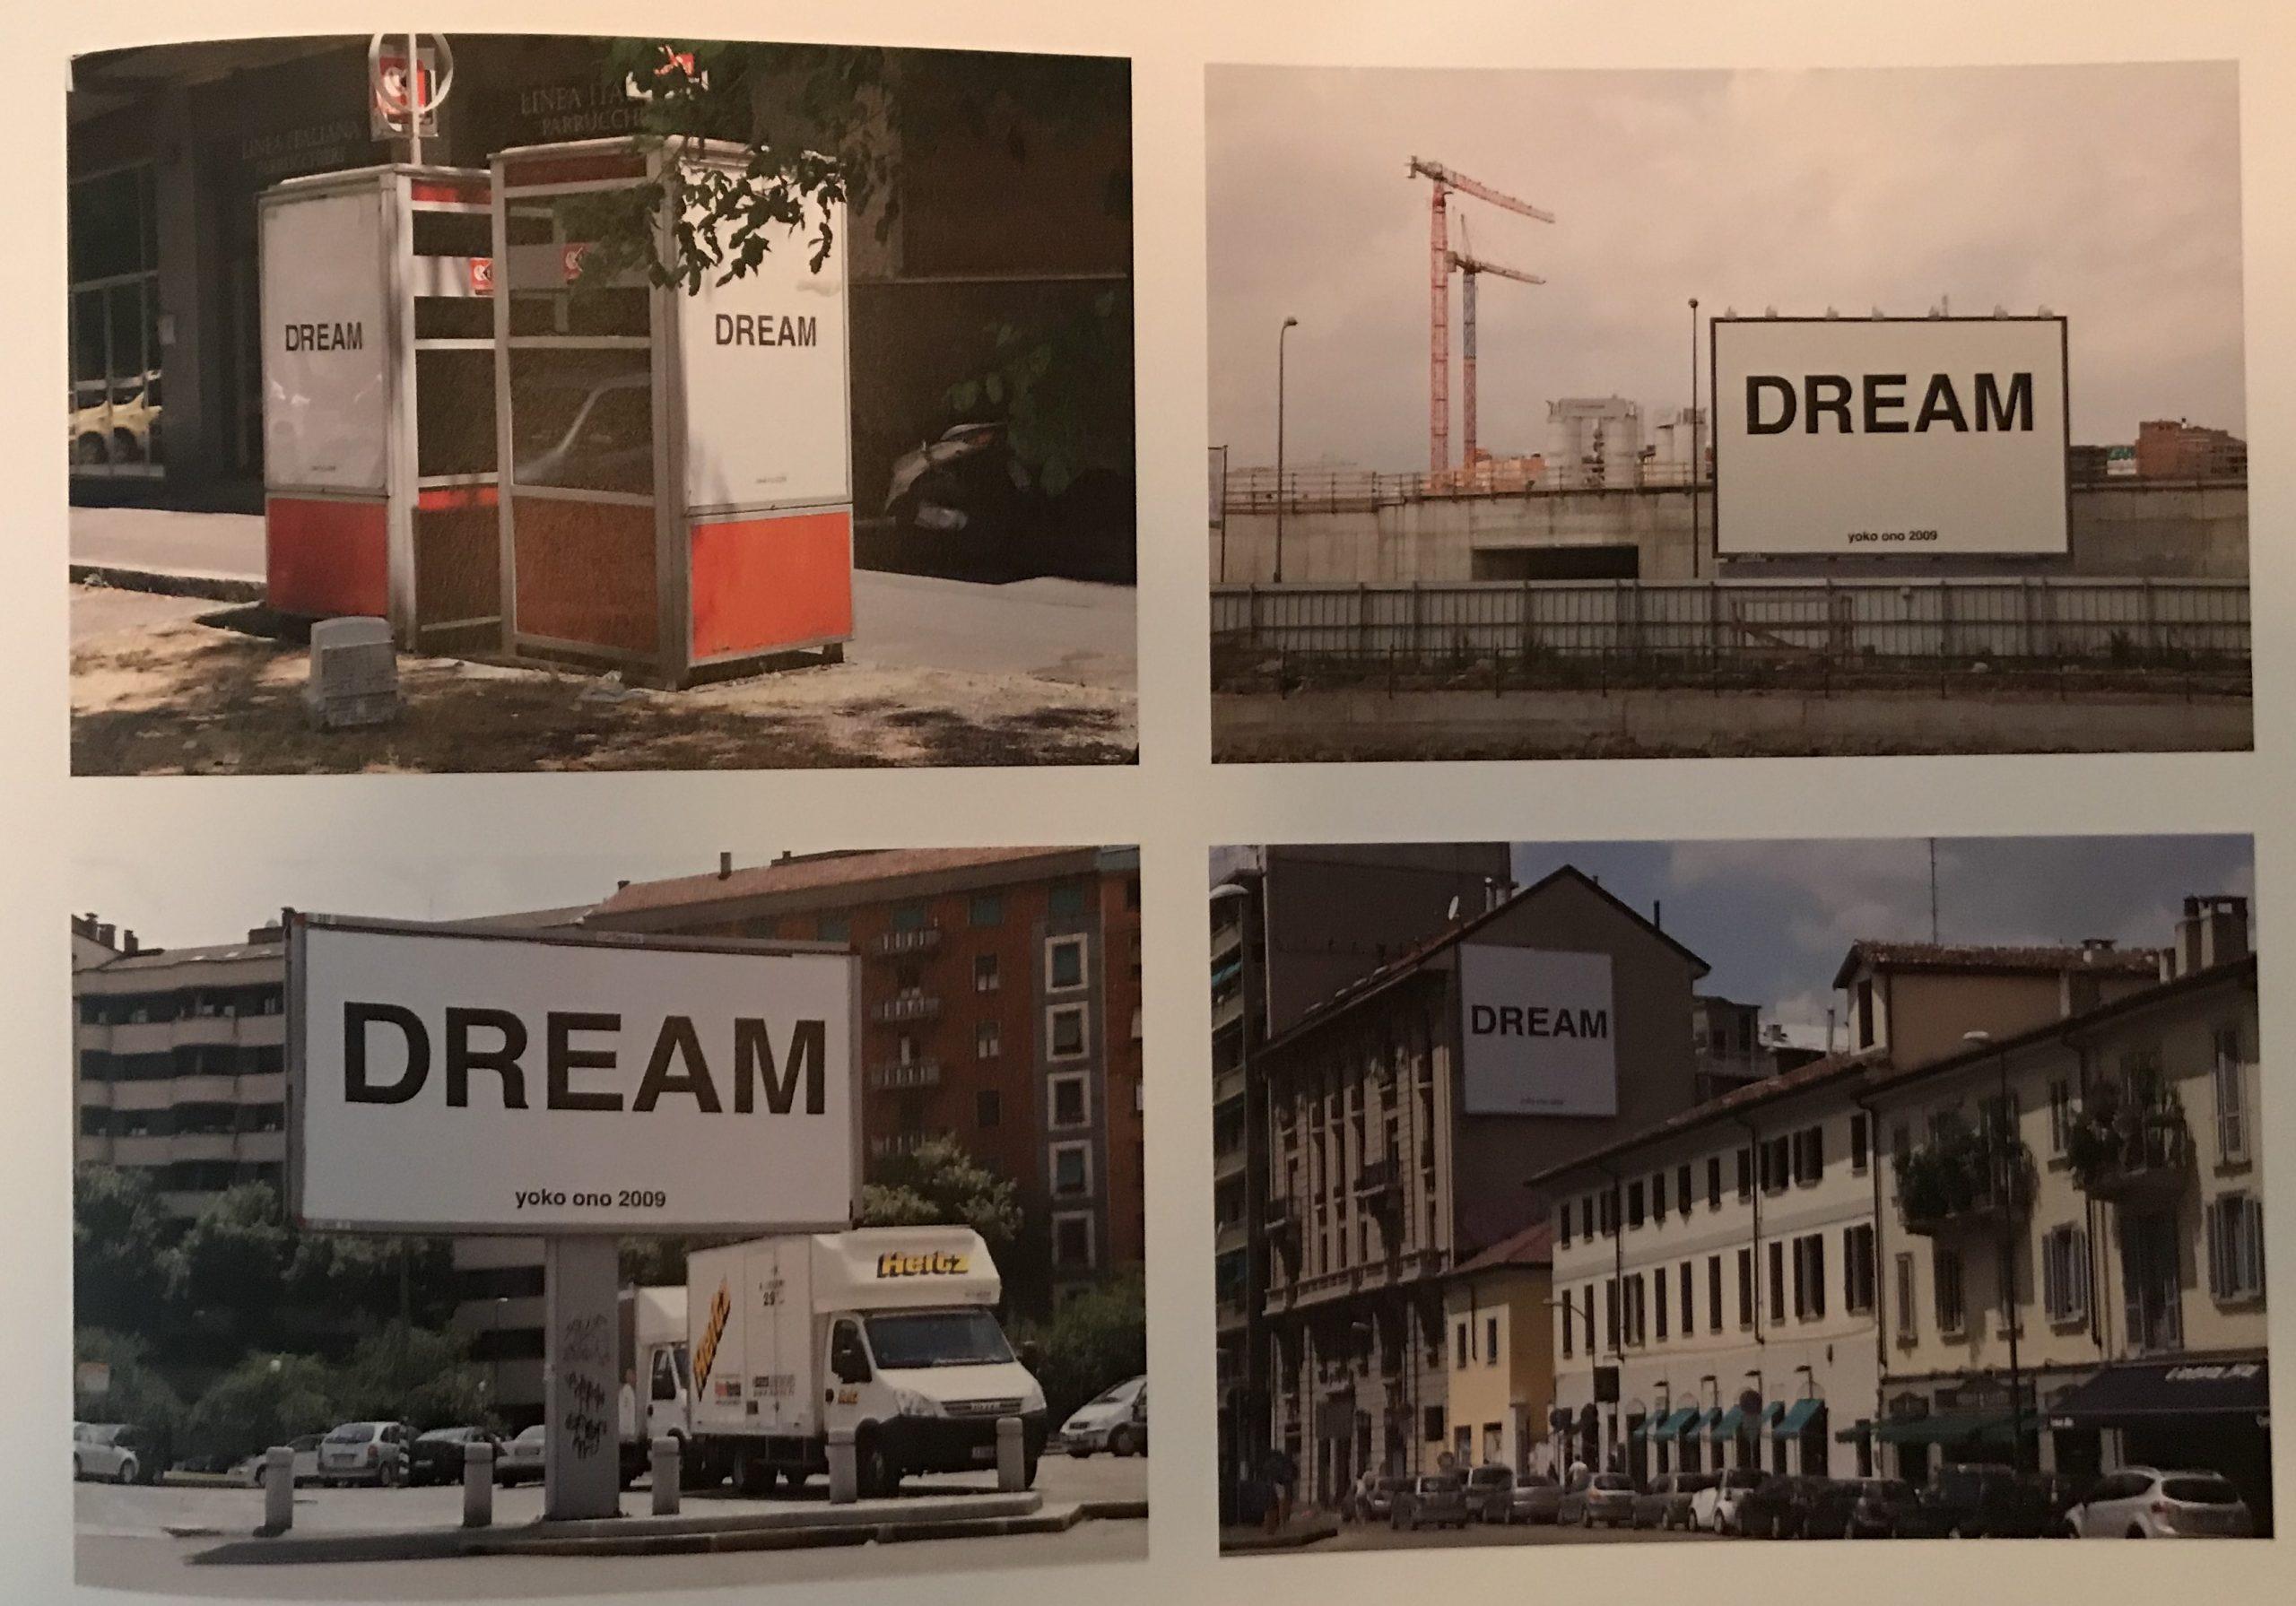 panneaux publicitaires DREAM